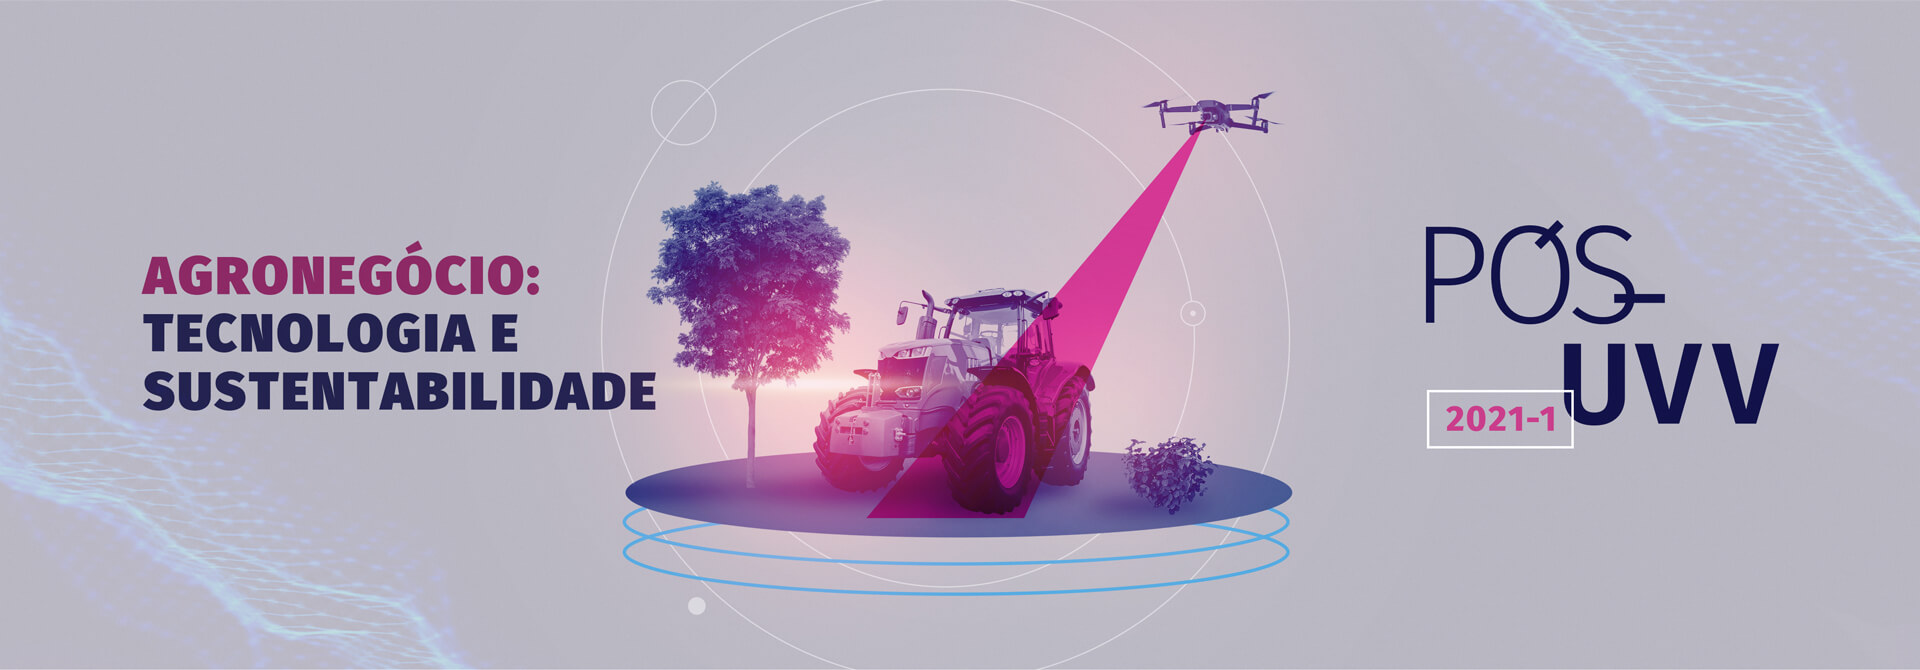 Faça Pós-Graduação em Agronegócio: Tecnologia e Sustentabilidade